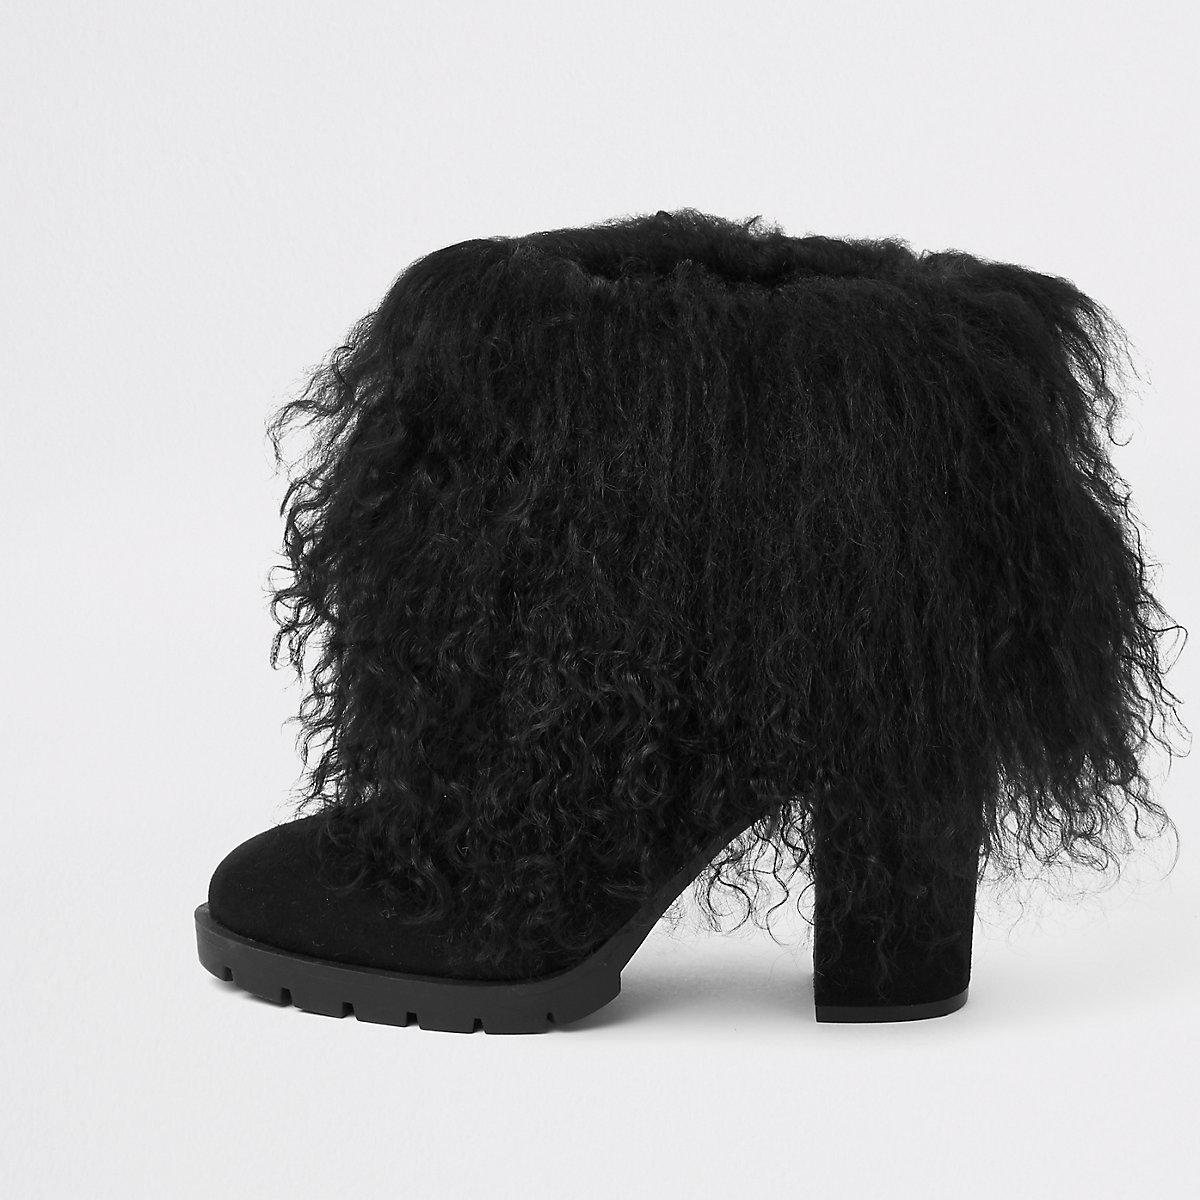 Zwarte laarzen met Mongools bonten rand en blokhakken